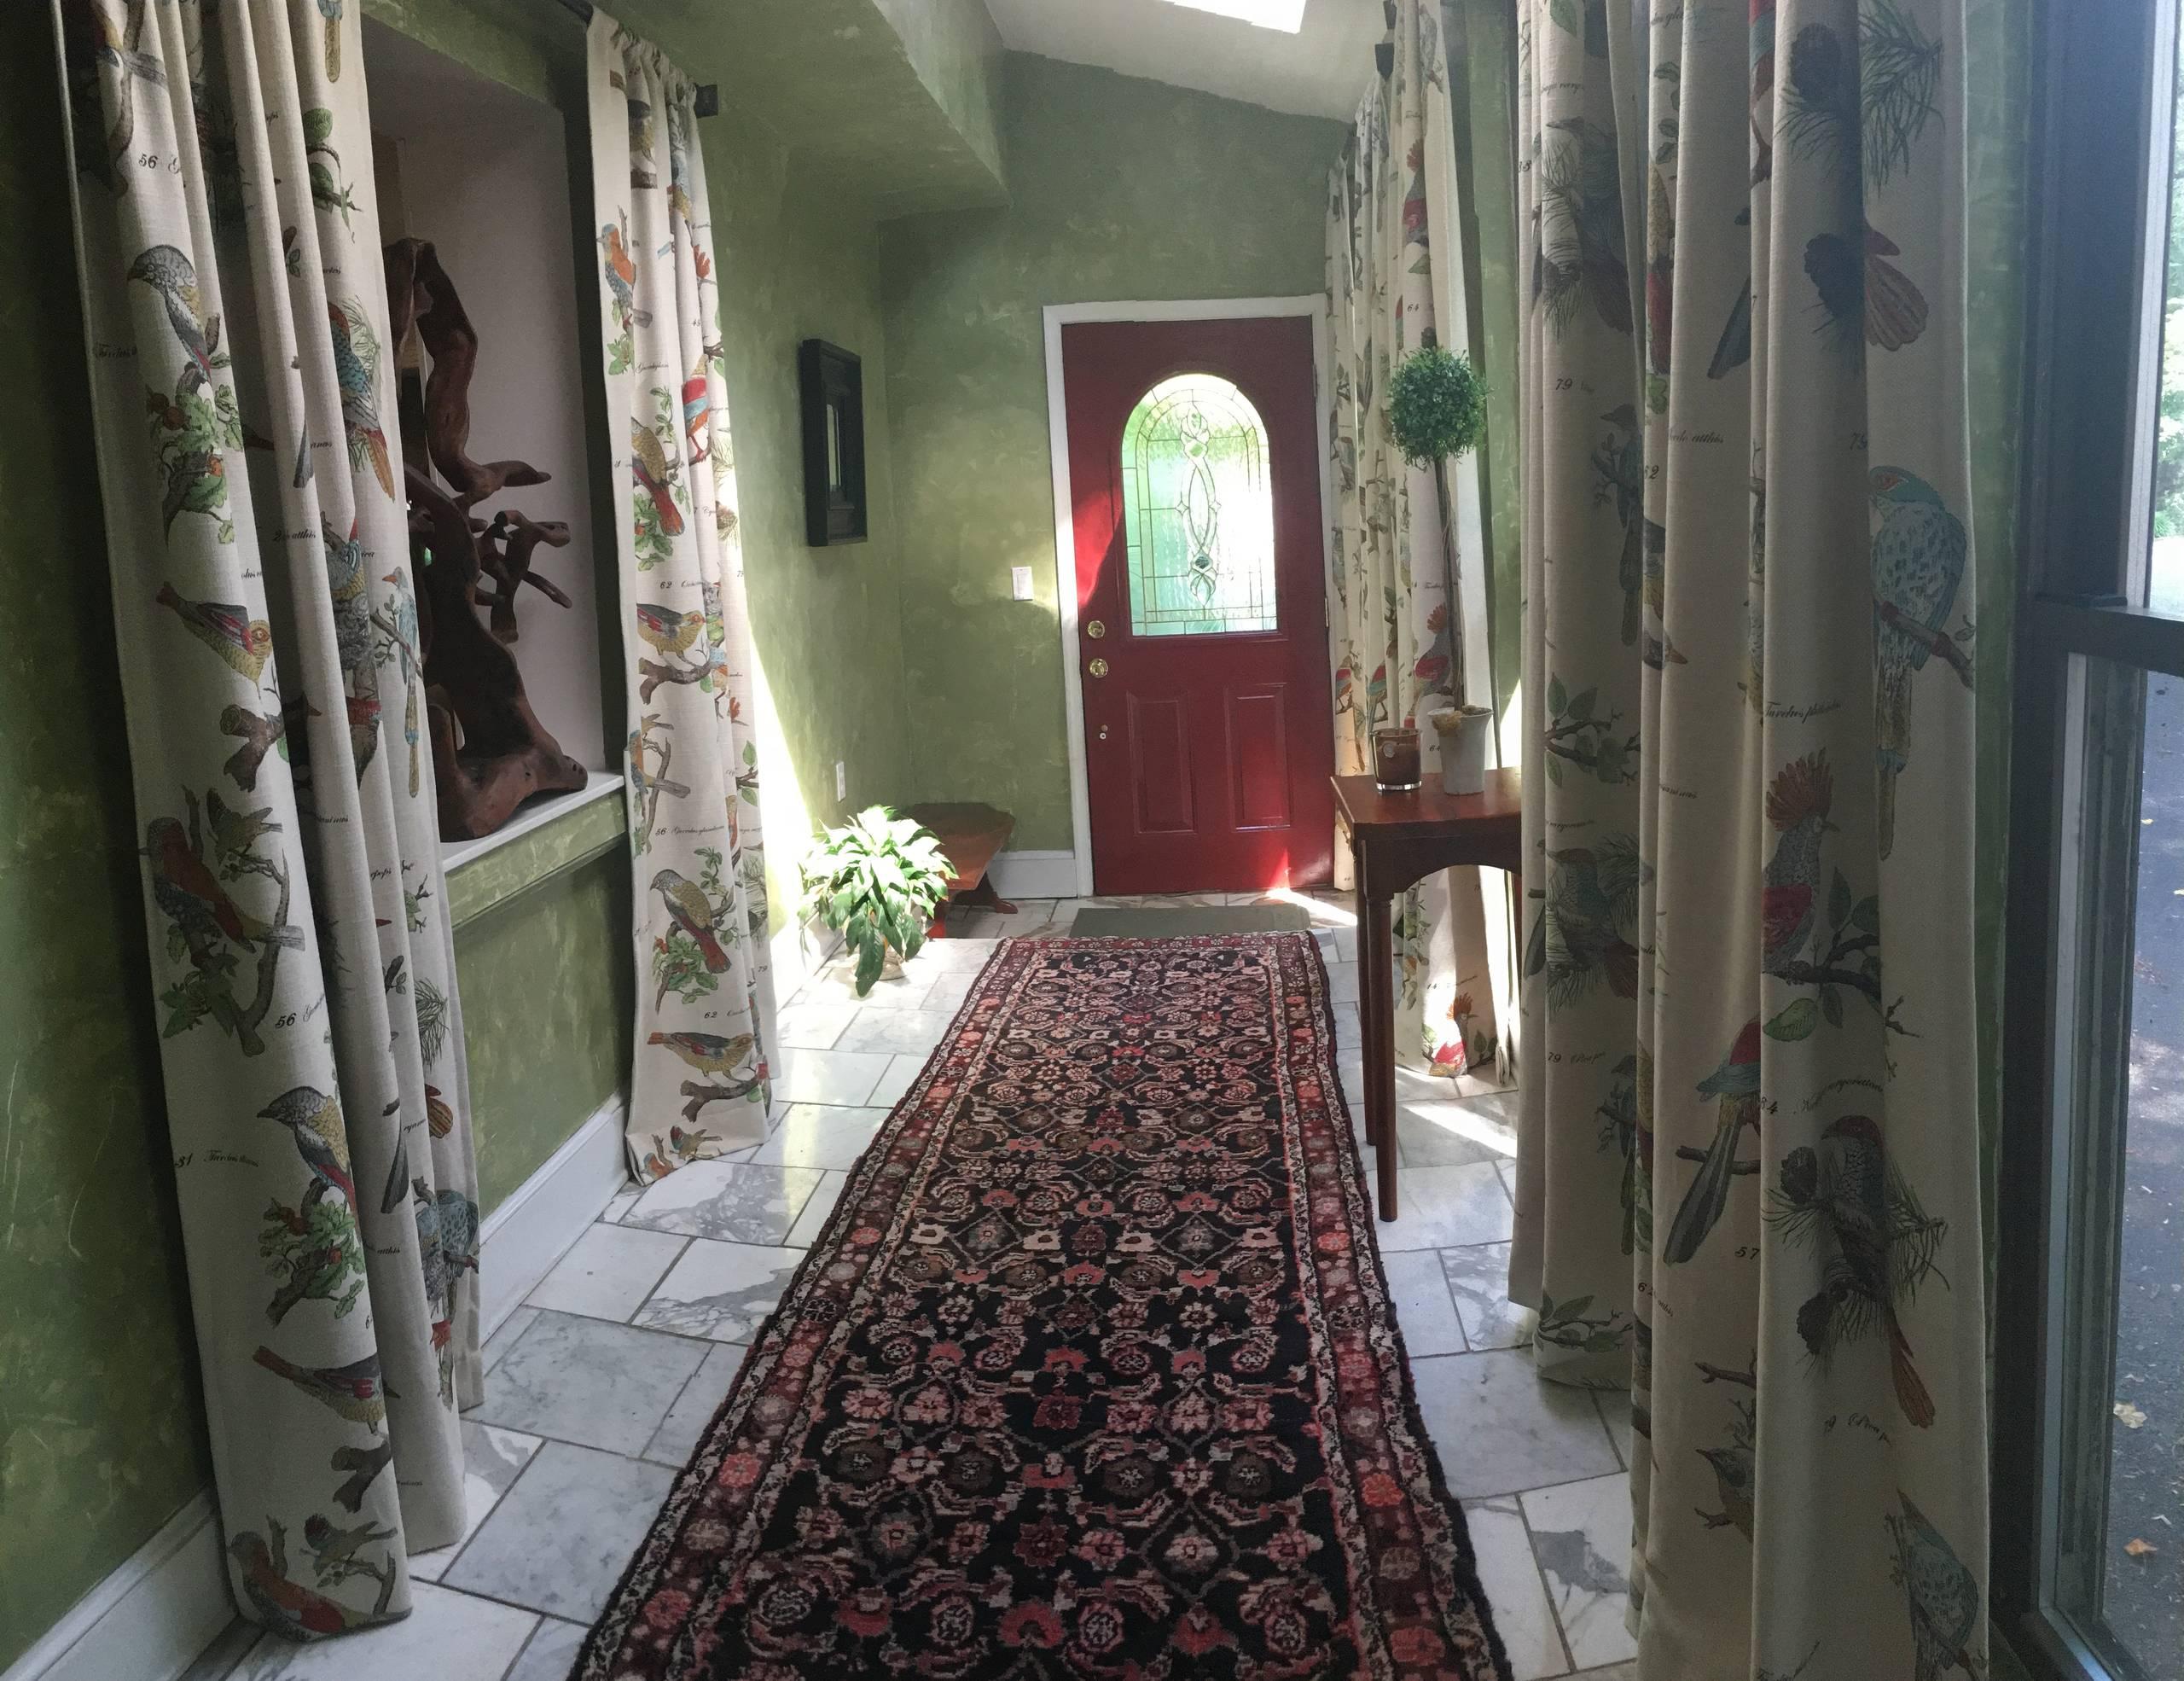 Venetian Plaster, entry way, Red Door